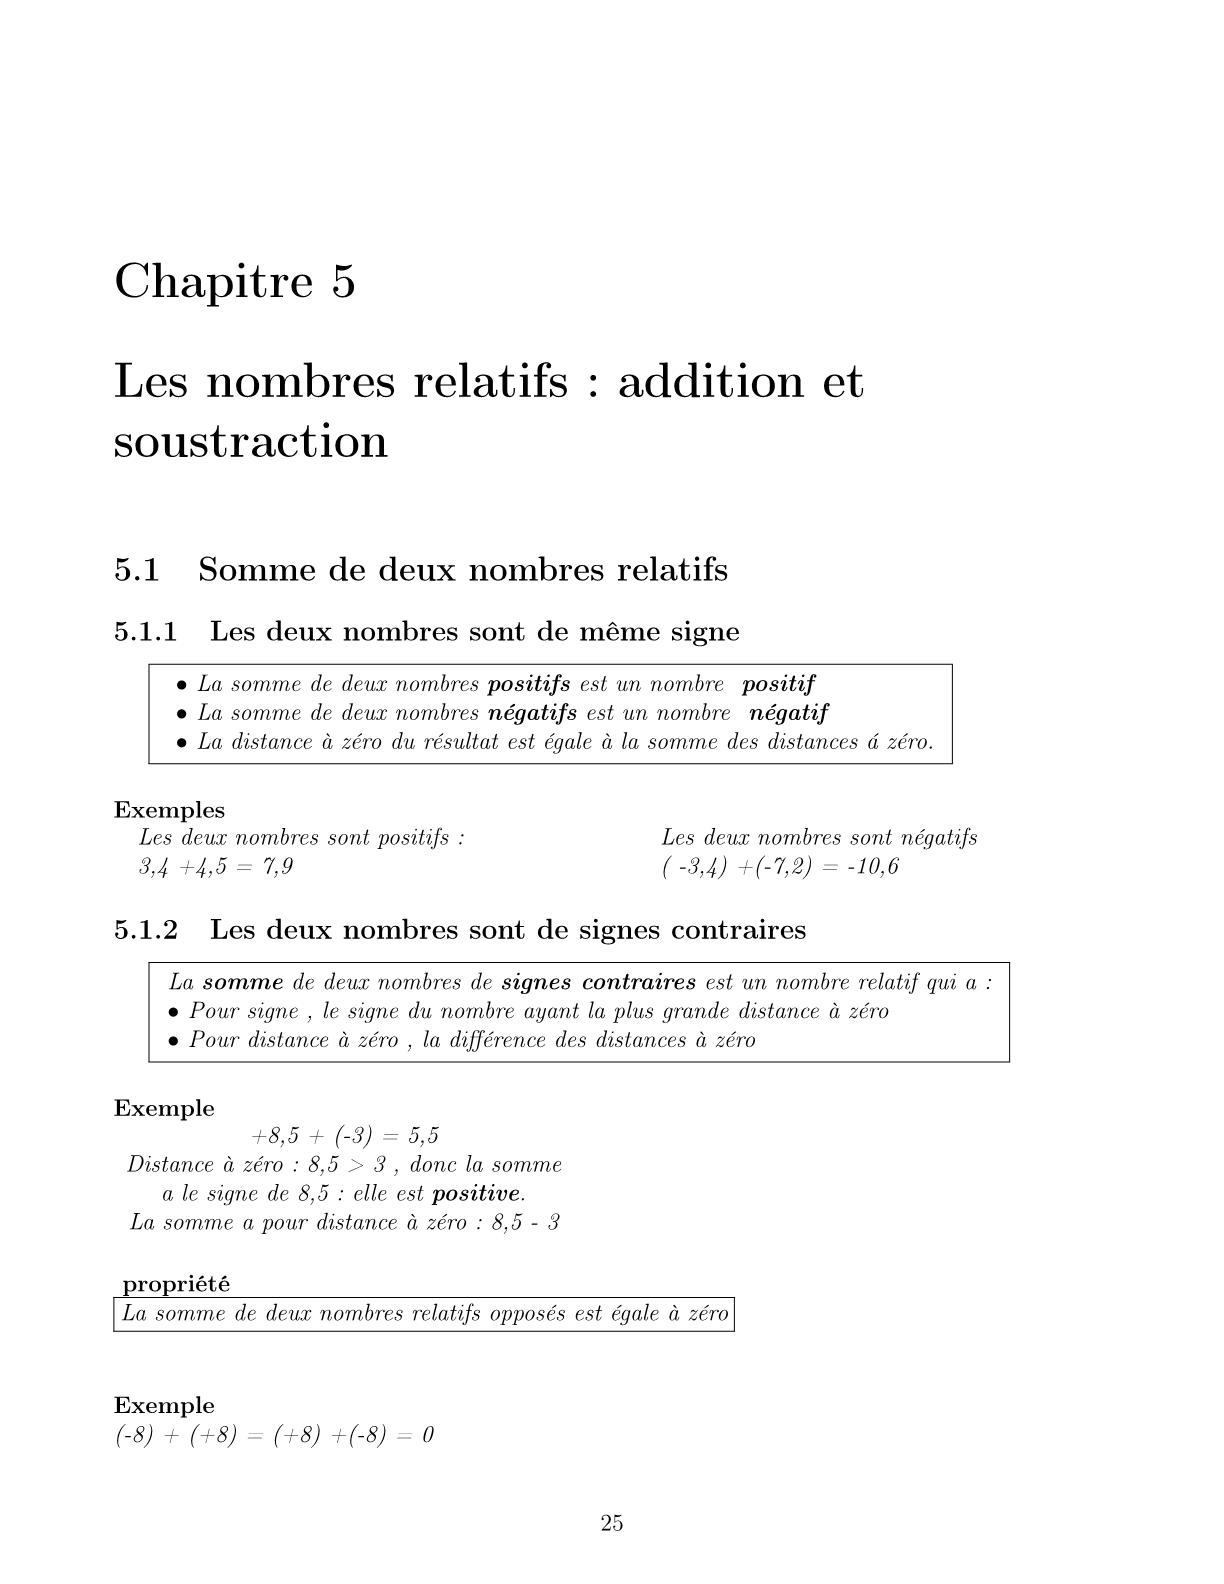 درس Les nombres relatifs addition et soustraction للسنة الأولى اعدادي